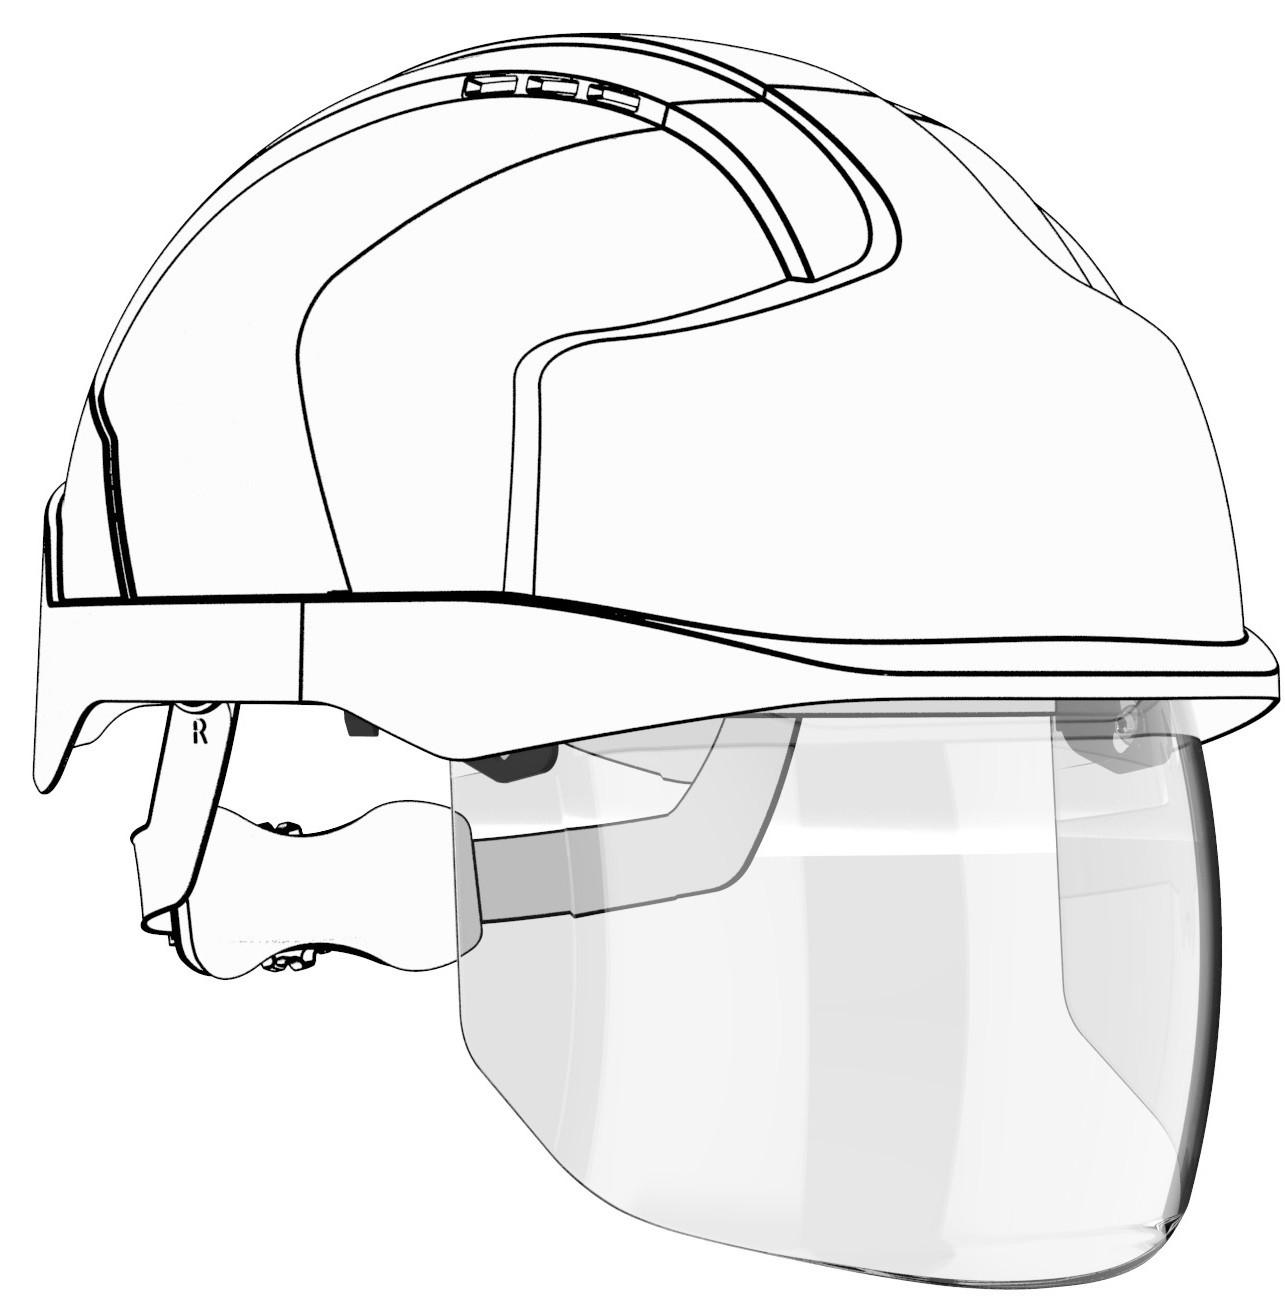 Wymienna, zintegrowana osłona twarzy do kasku EVO® VISTAshield™ AMV200-000-000